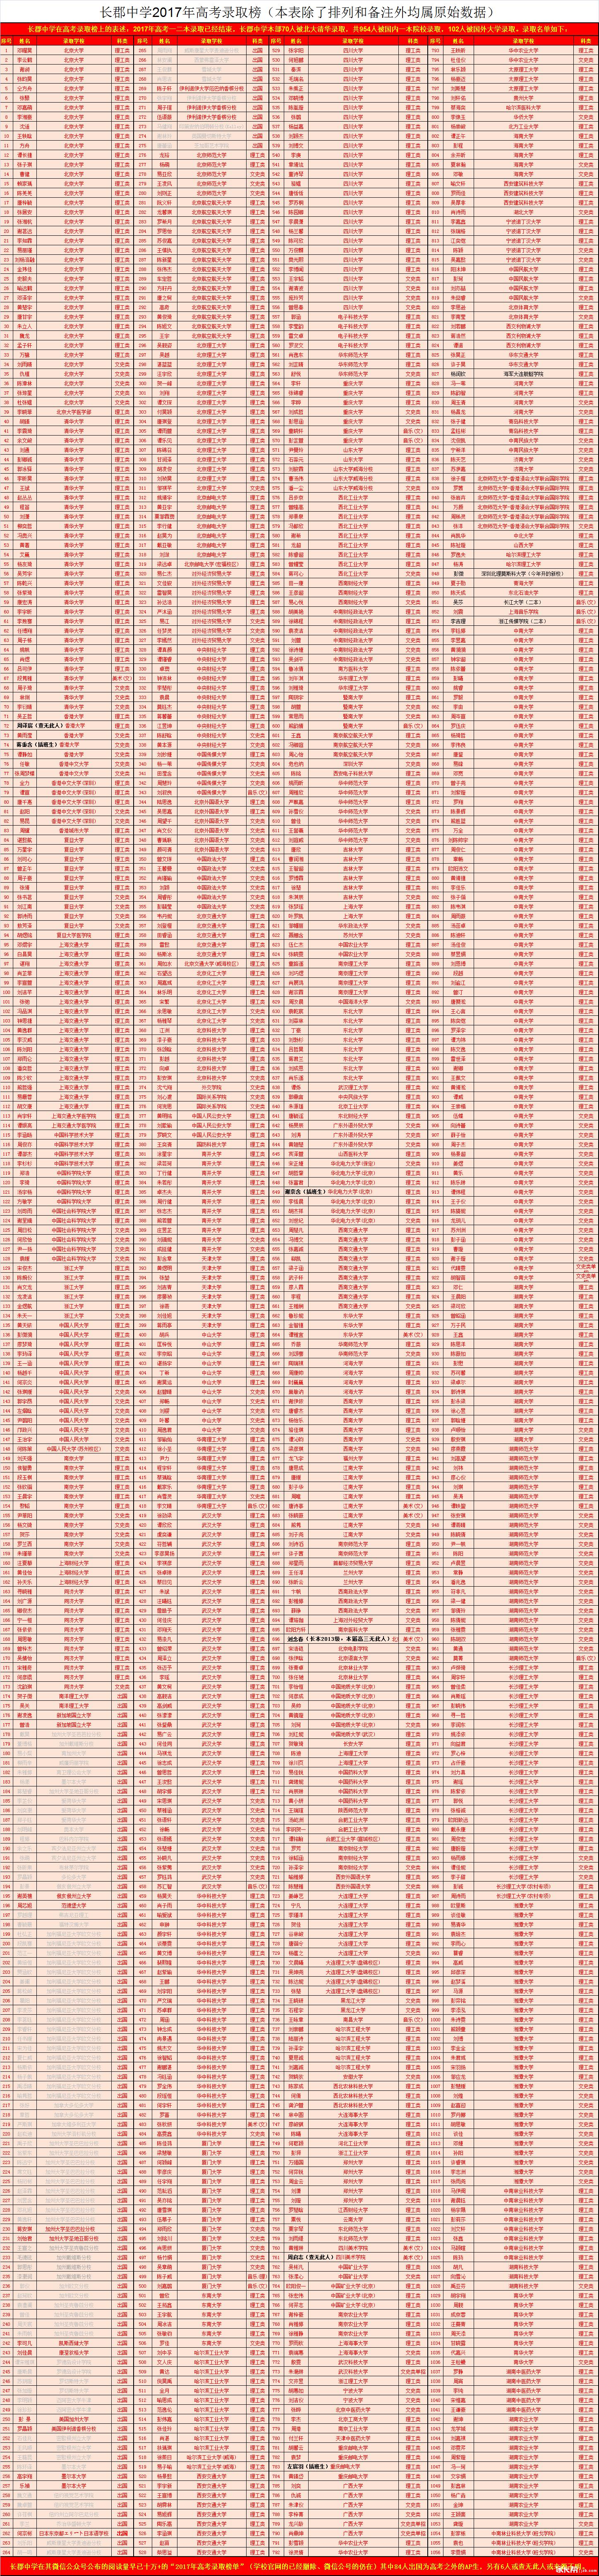 长本数据2.jpg